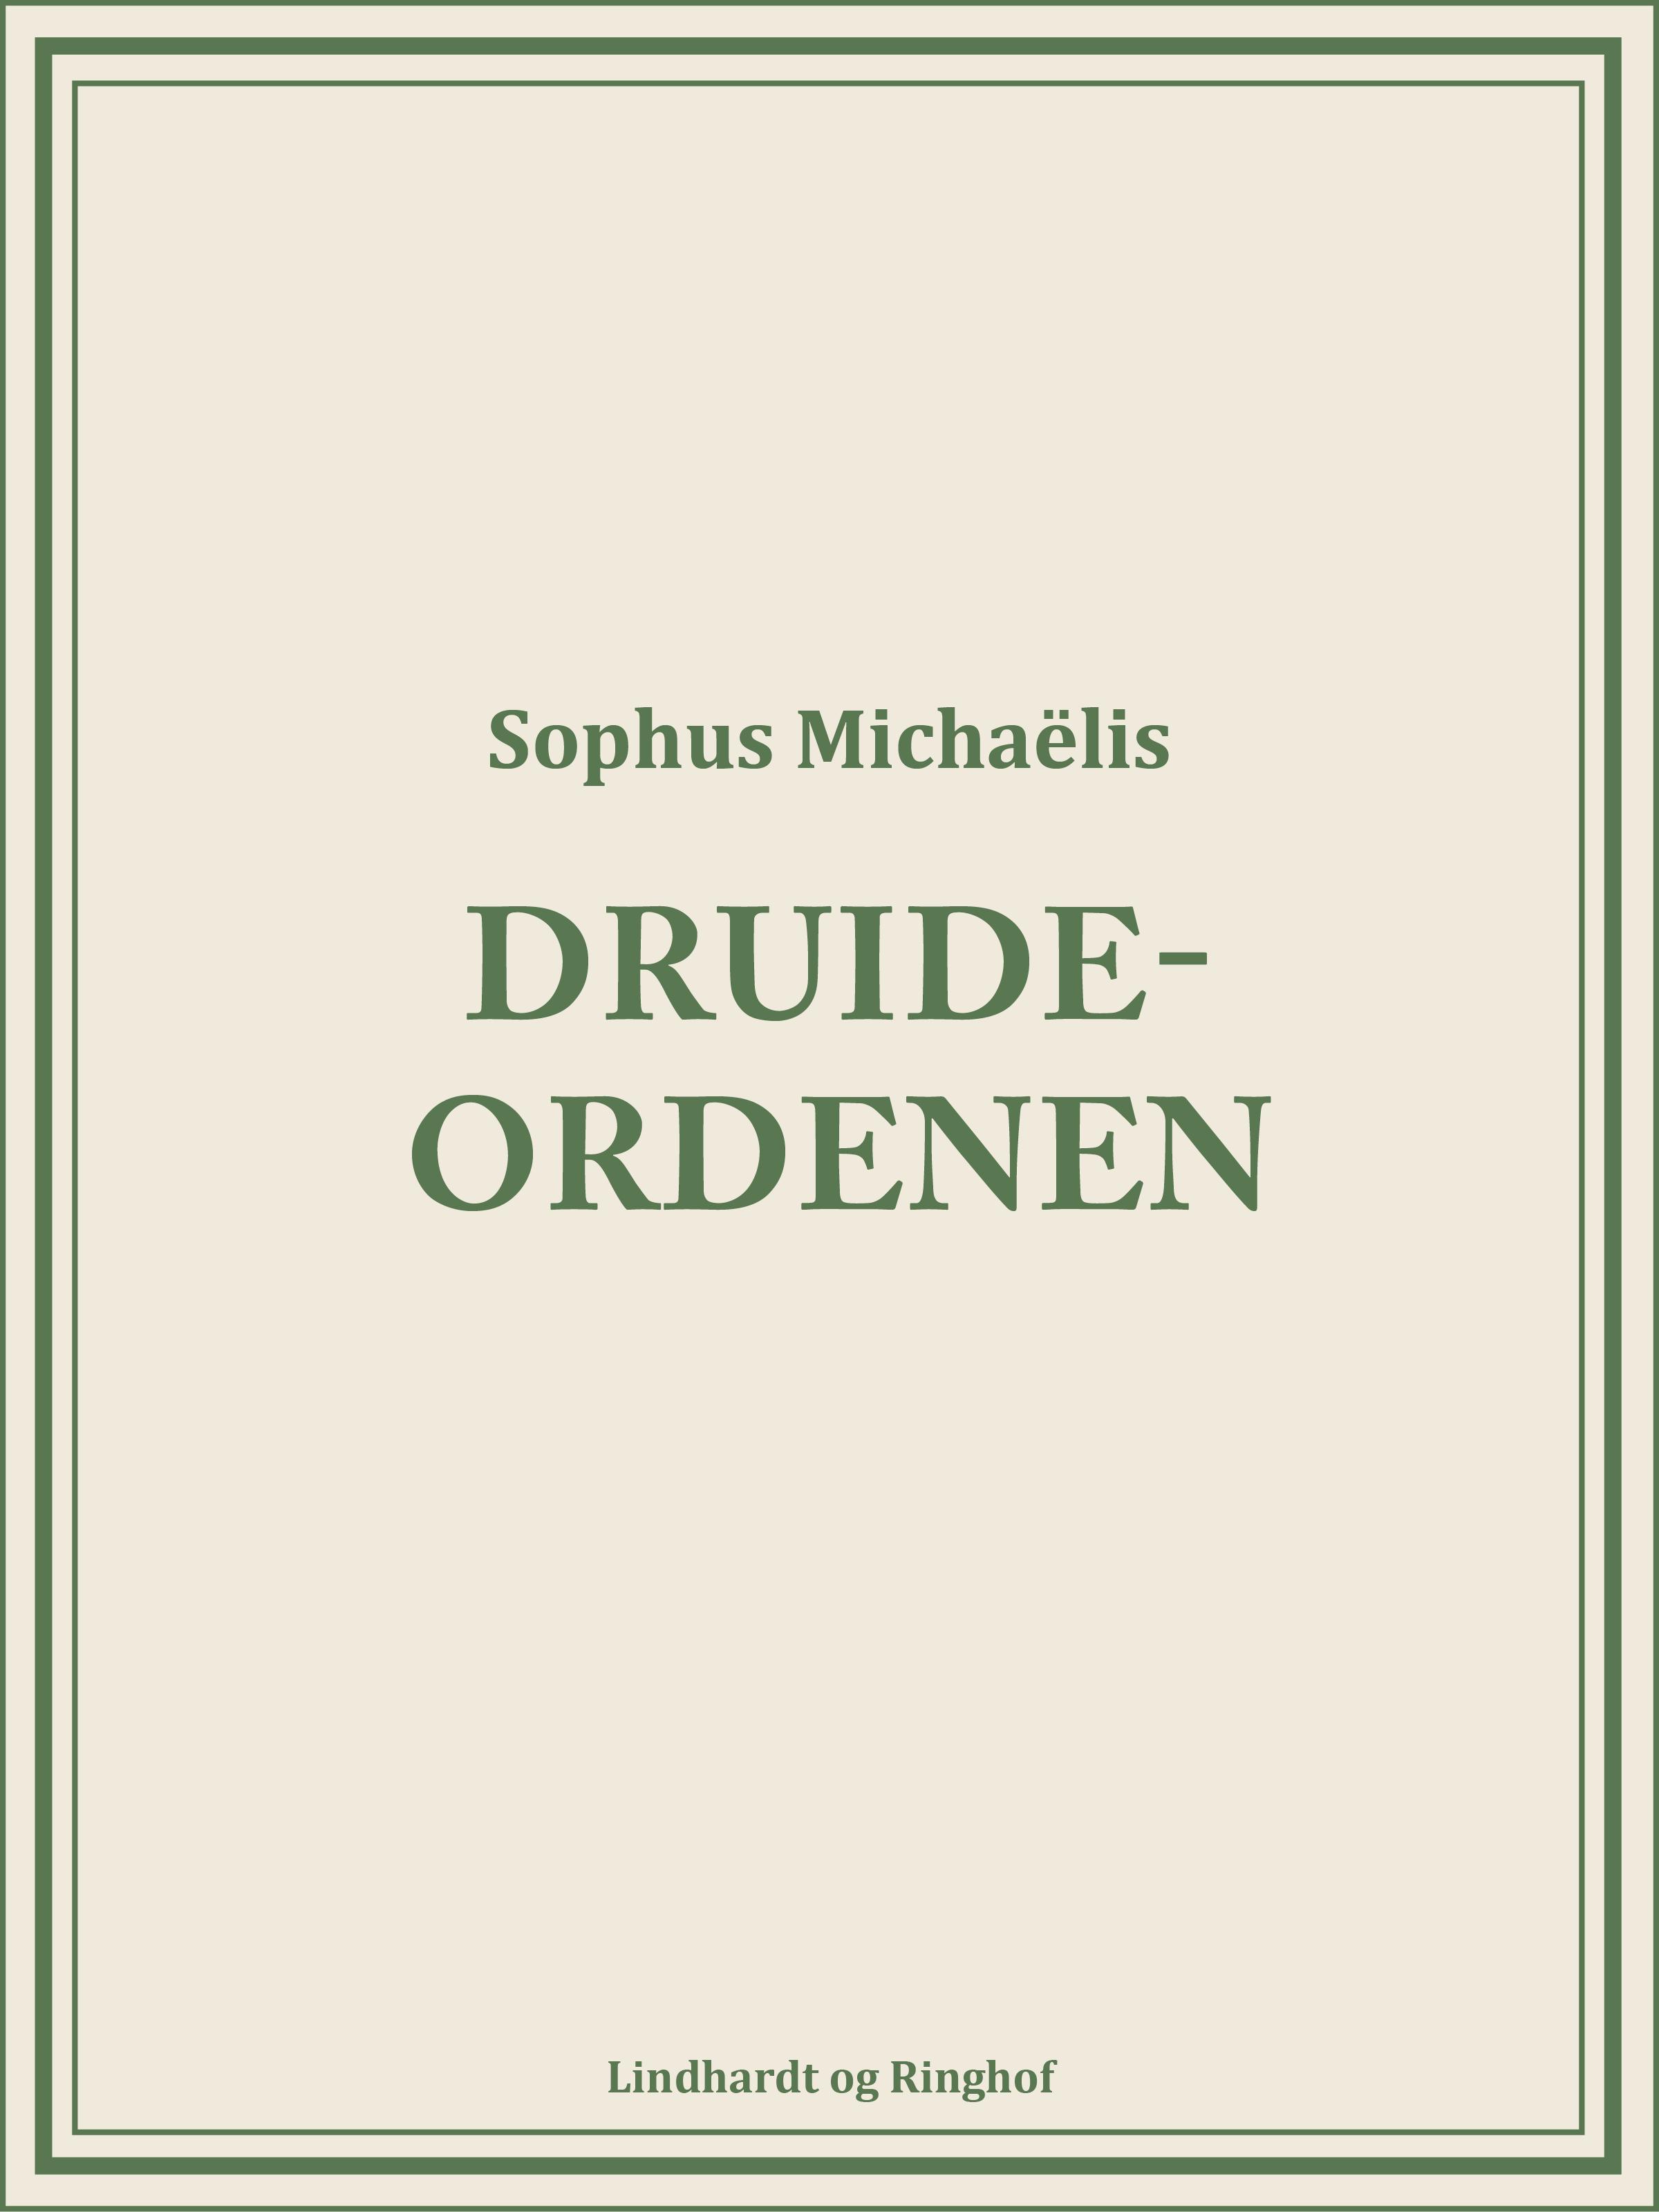 Druide-Ordenen - E-bog